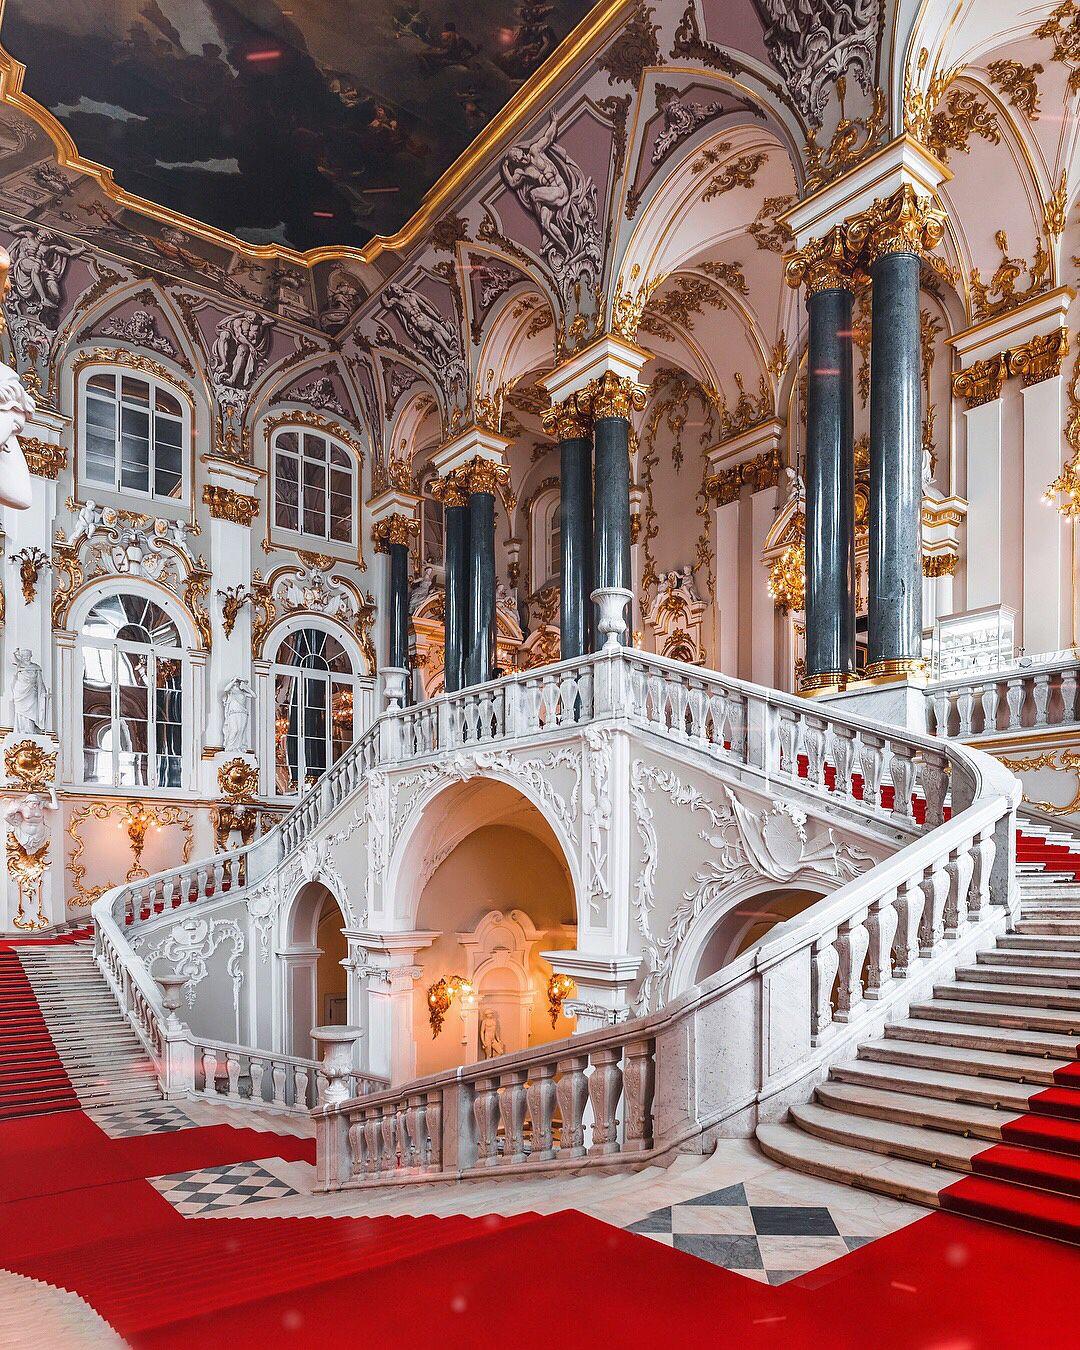 нет, парадная лестница зимнего дворца фото различаются носкости, проточности